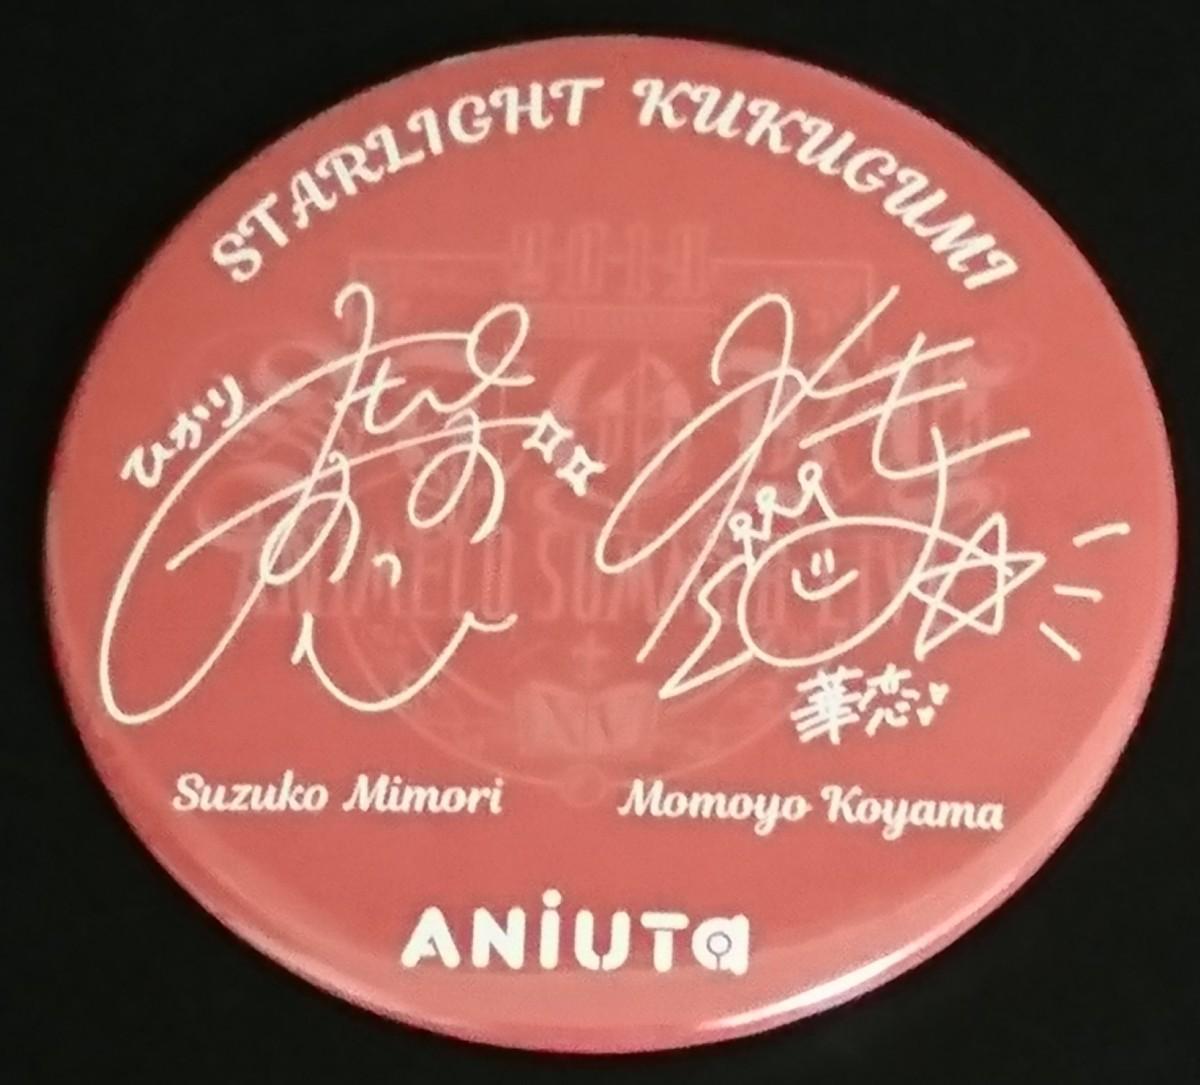 スタァライト九九組 三森すずこ 小山百代 アニサマ2019 缶バッジ